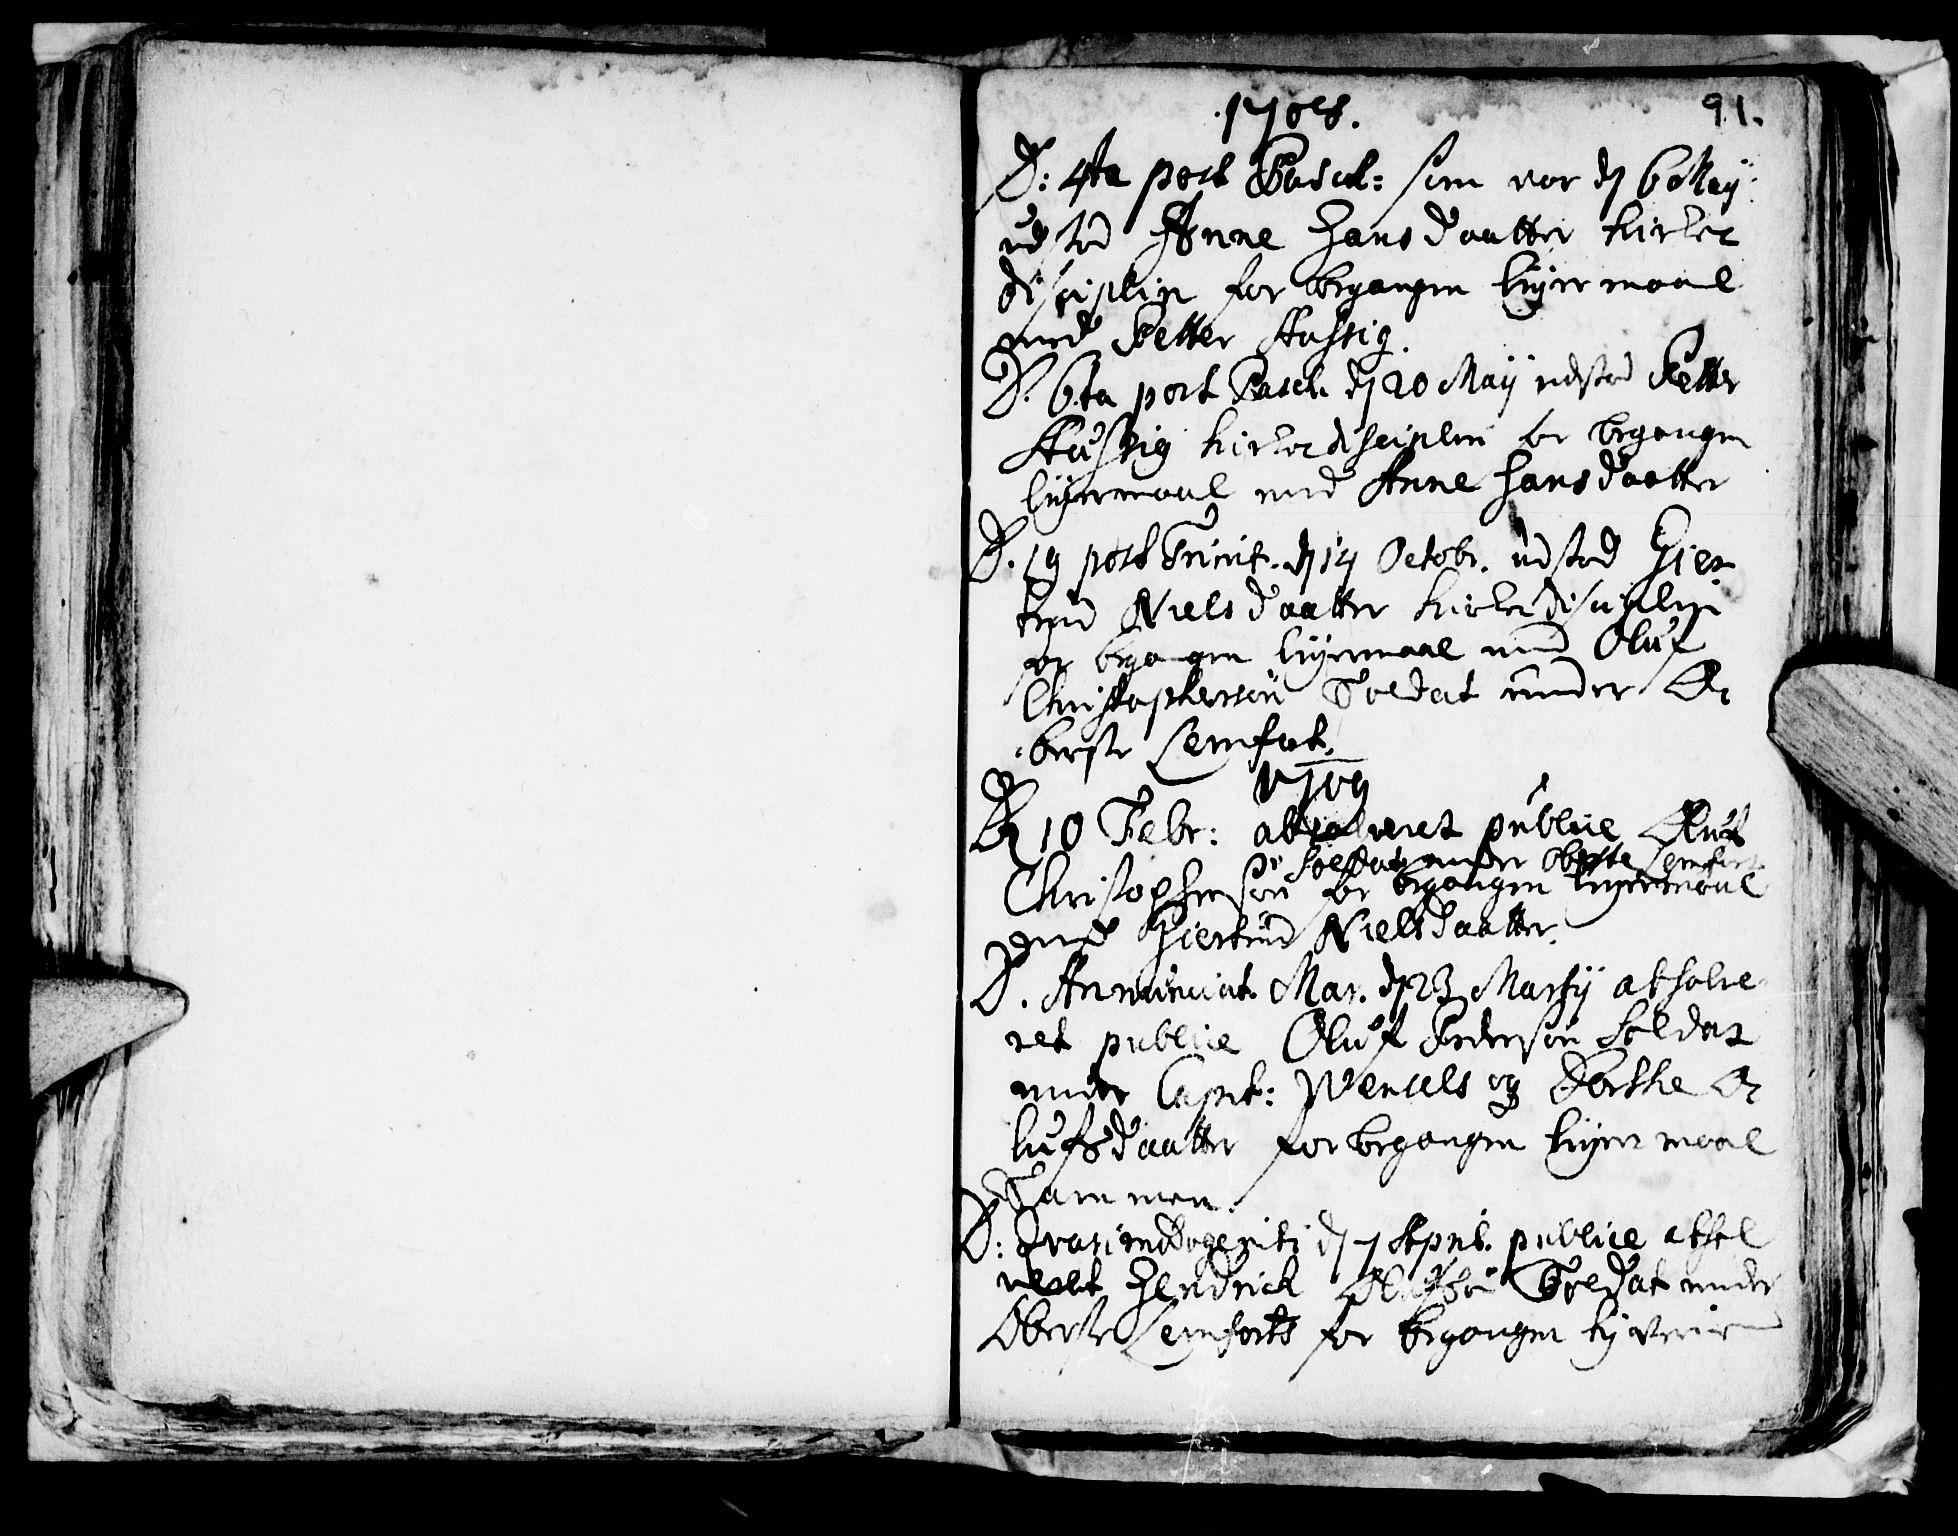 SAT, Ministerialprotokoller, klokkerbøker og fødselsregistre - Nord-Trøndelag, 722/L0214: Ministerialbok nr. 722A01, 1692-1718, s. 91